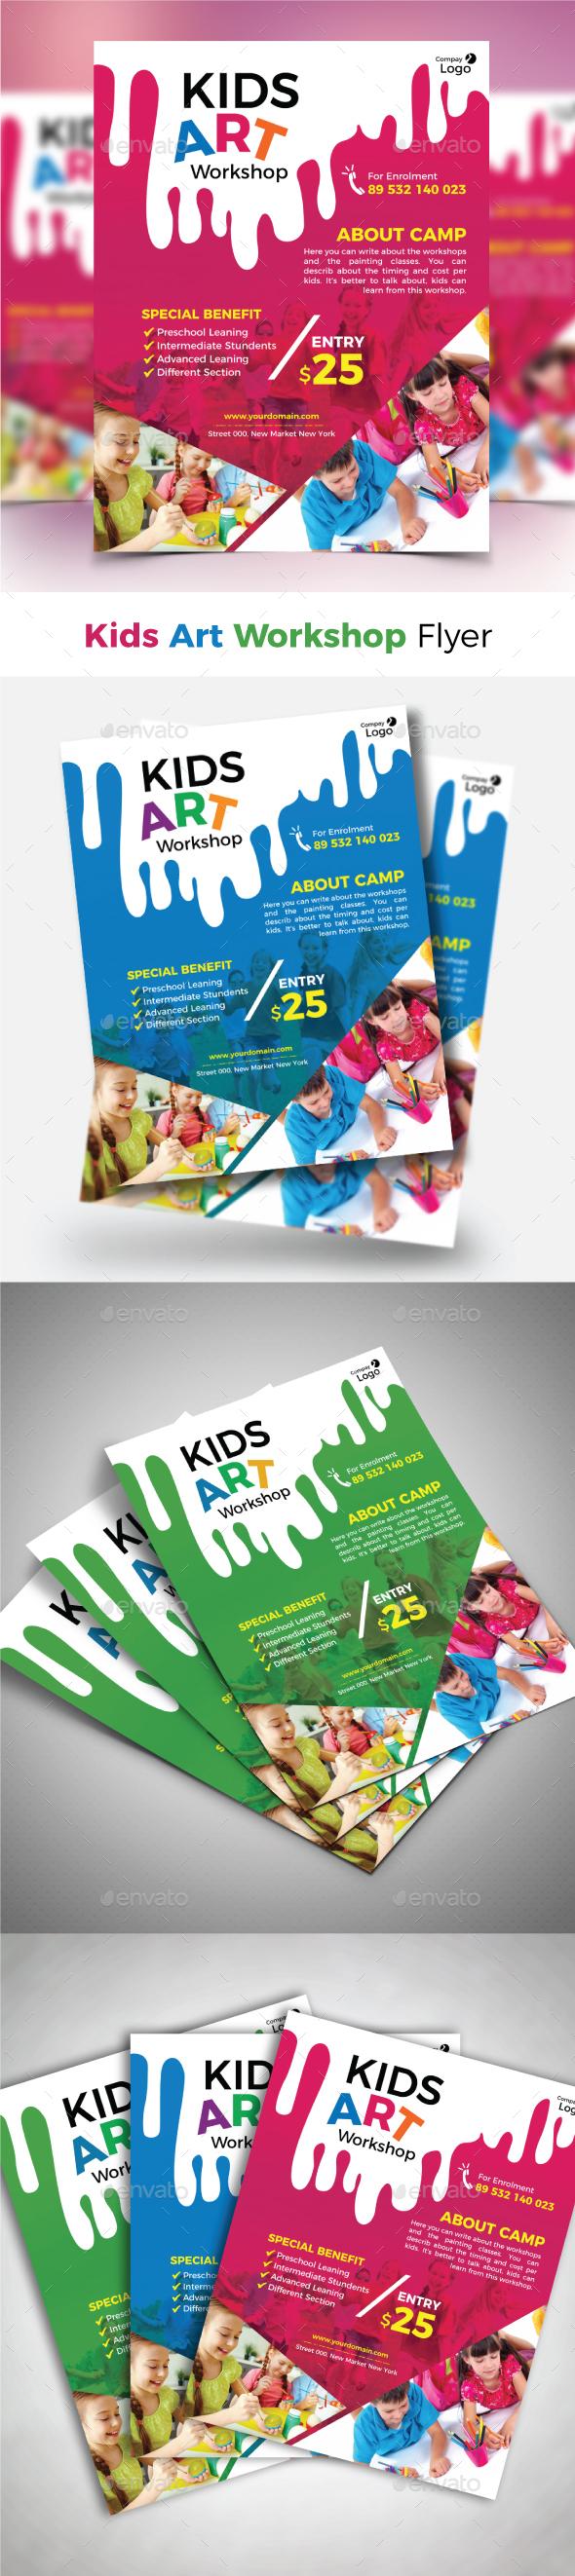 GraphicRiver Kids Art Workshop Flyer 21145416